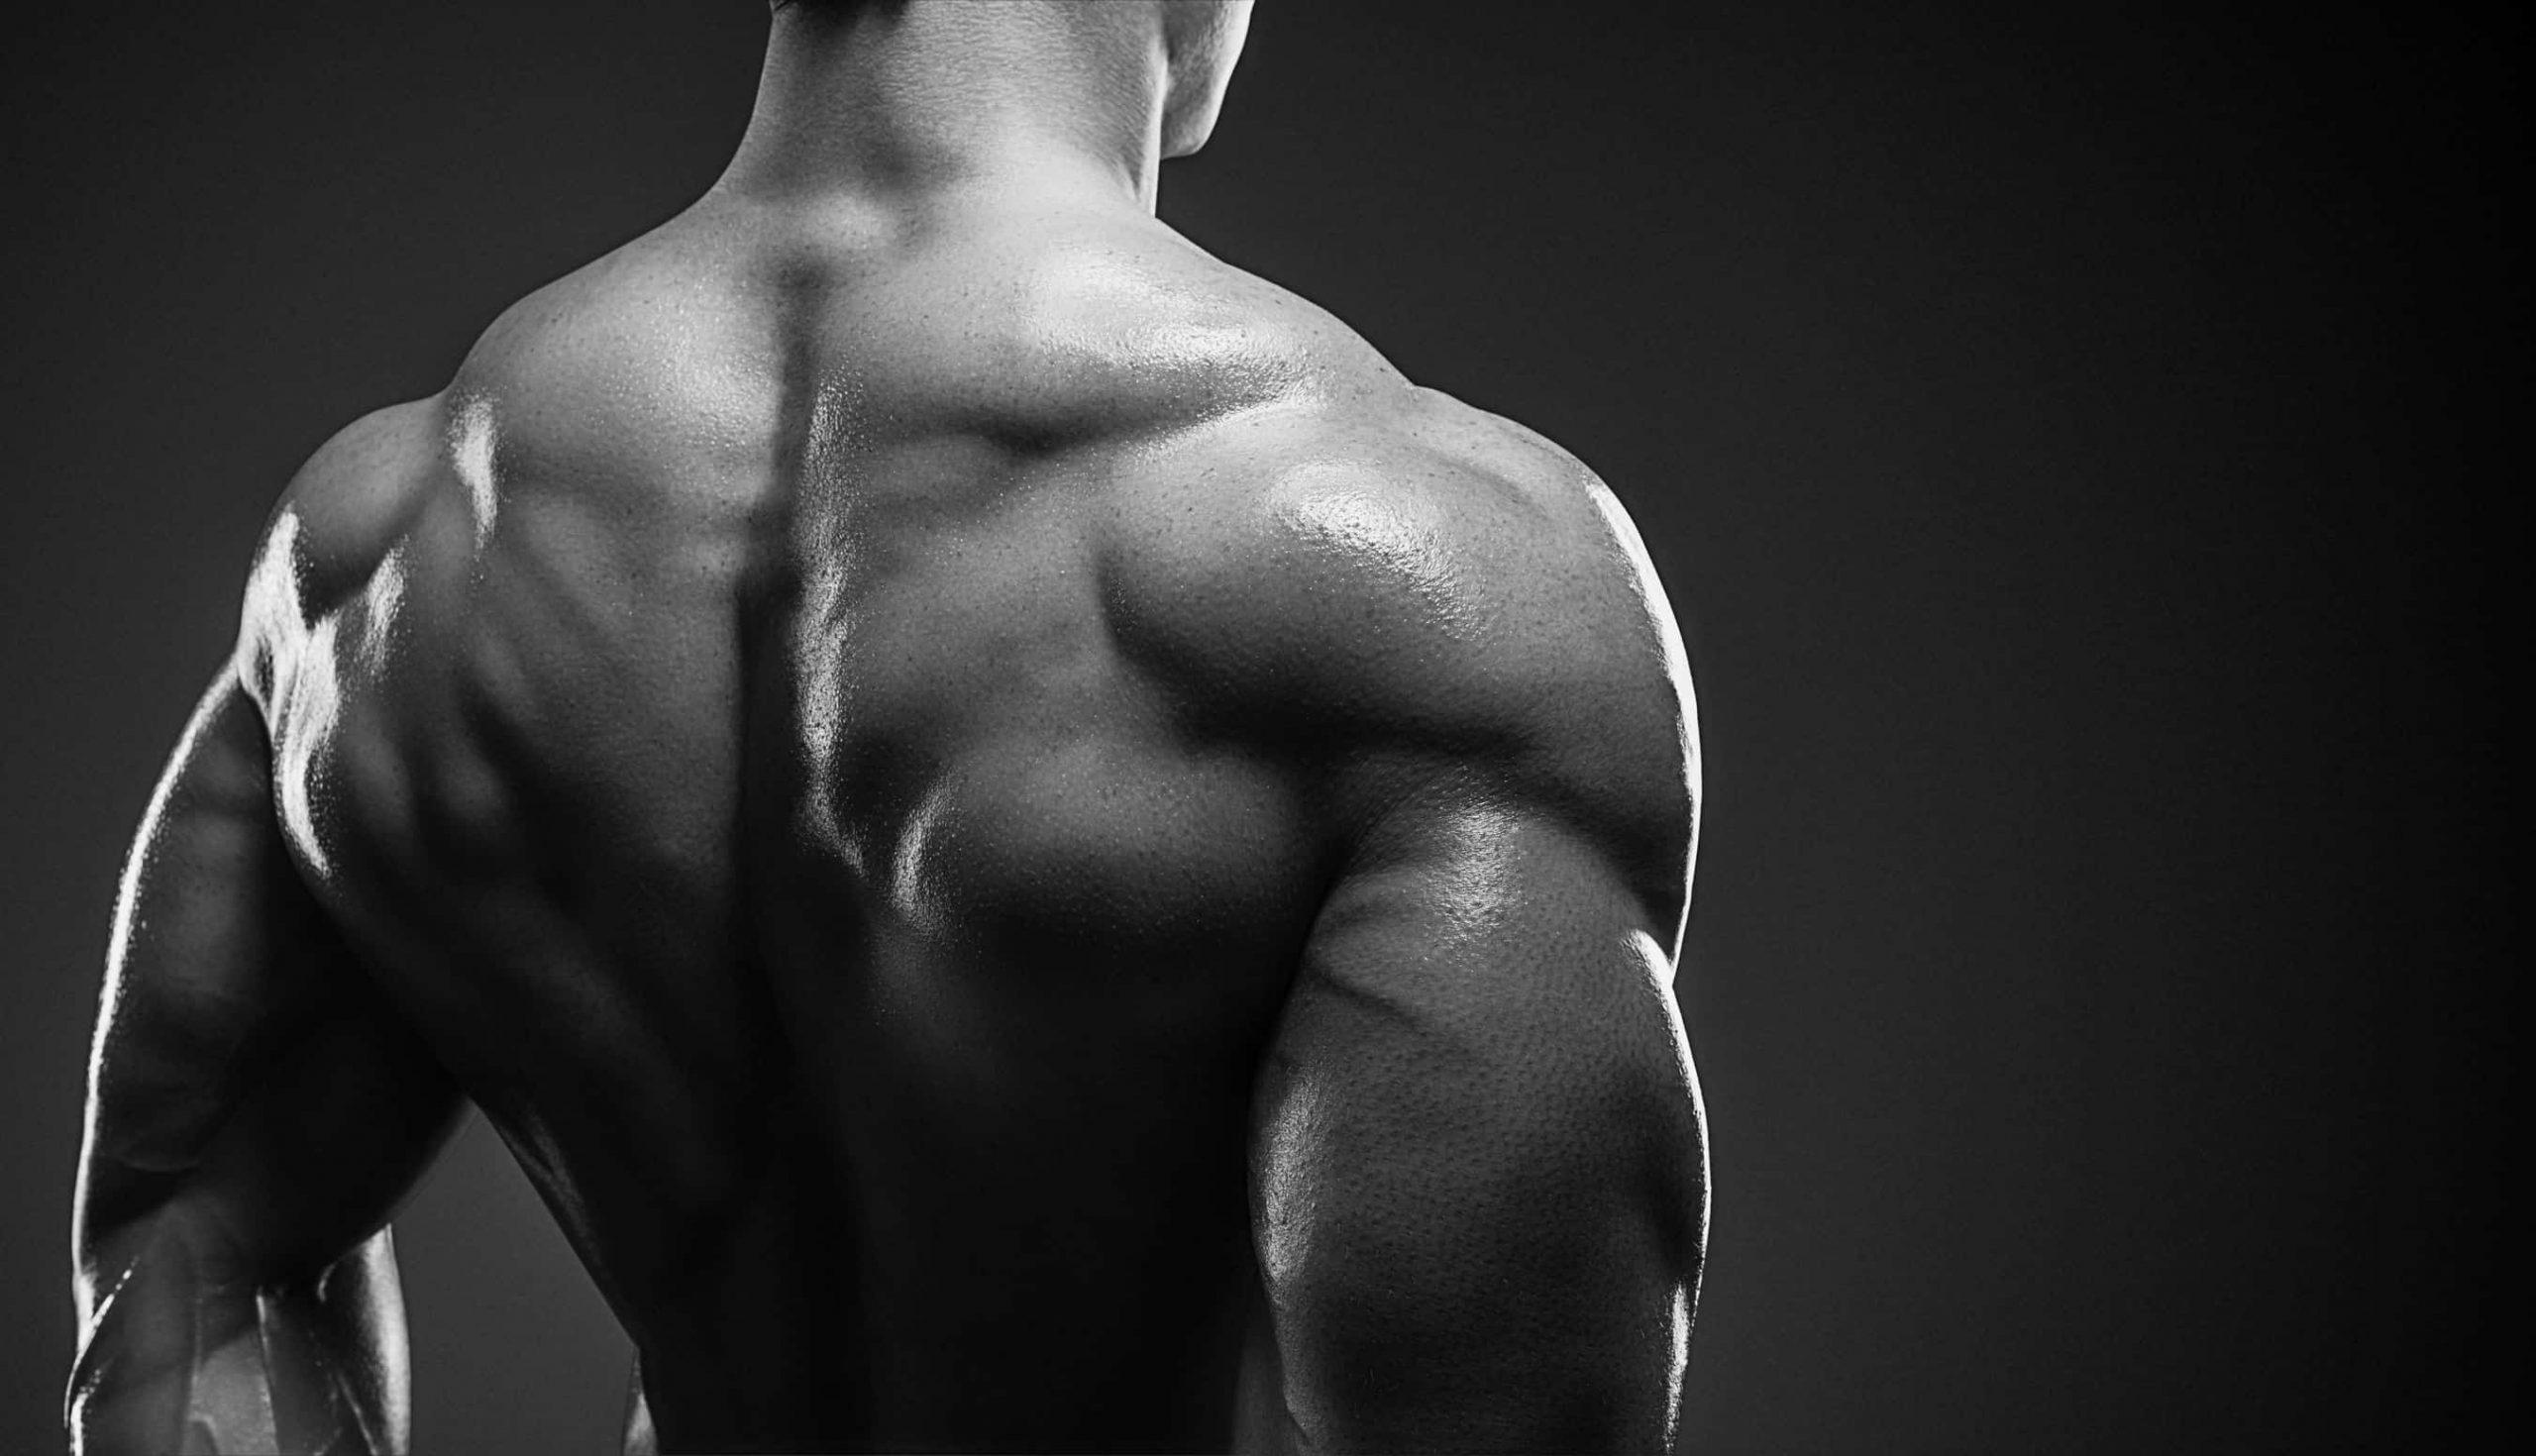 Muskelregeneration: Hintergrundwissen und Tipps für gesunde Muskeln